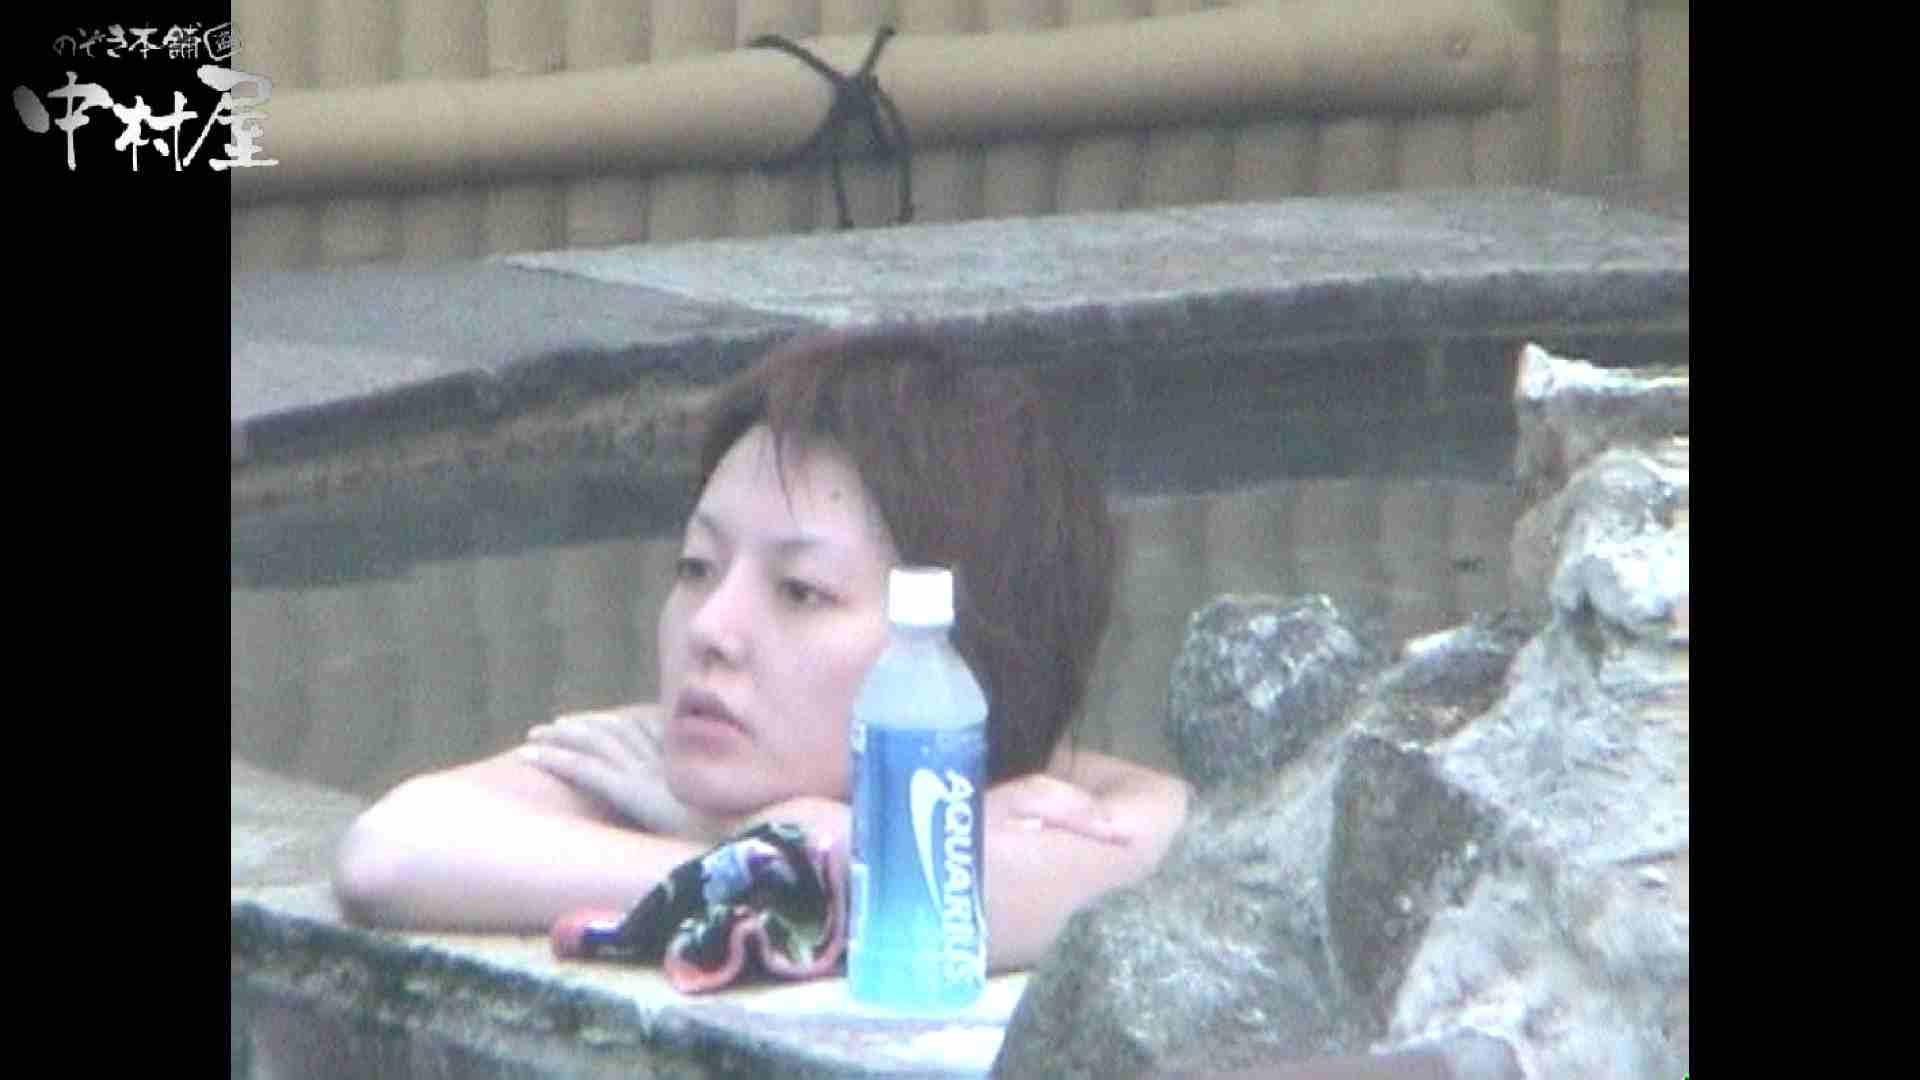 Aquaな露天風呂Vol.959 OL  29pic 11